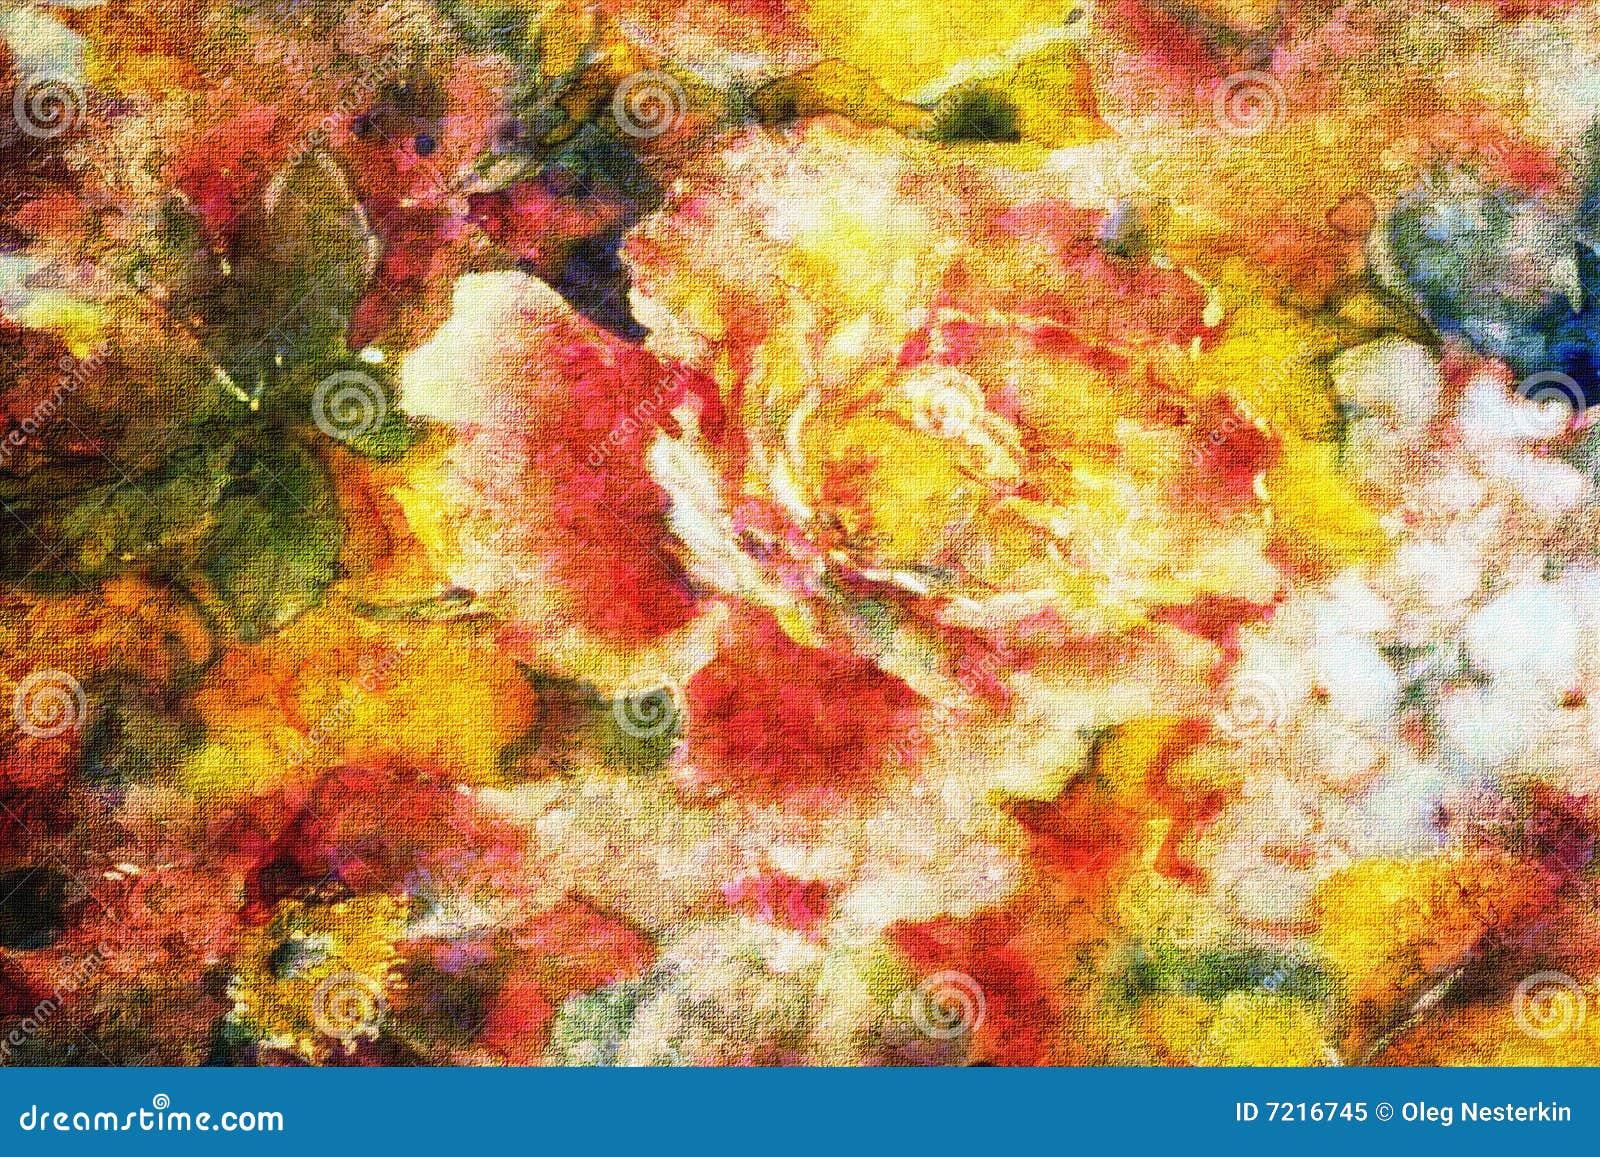 Flowering of roses